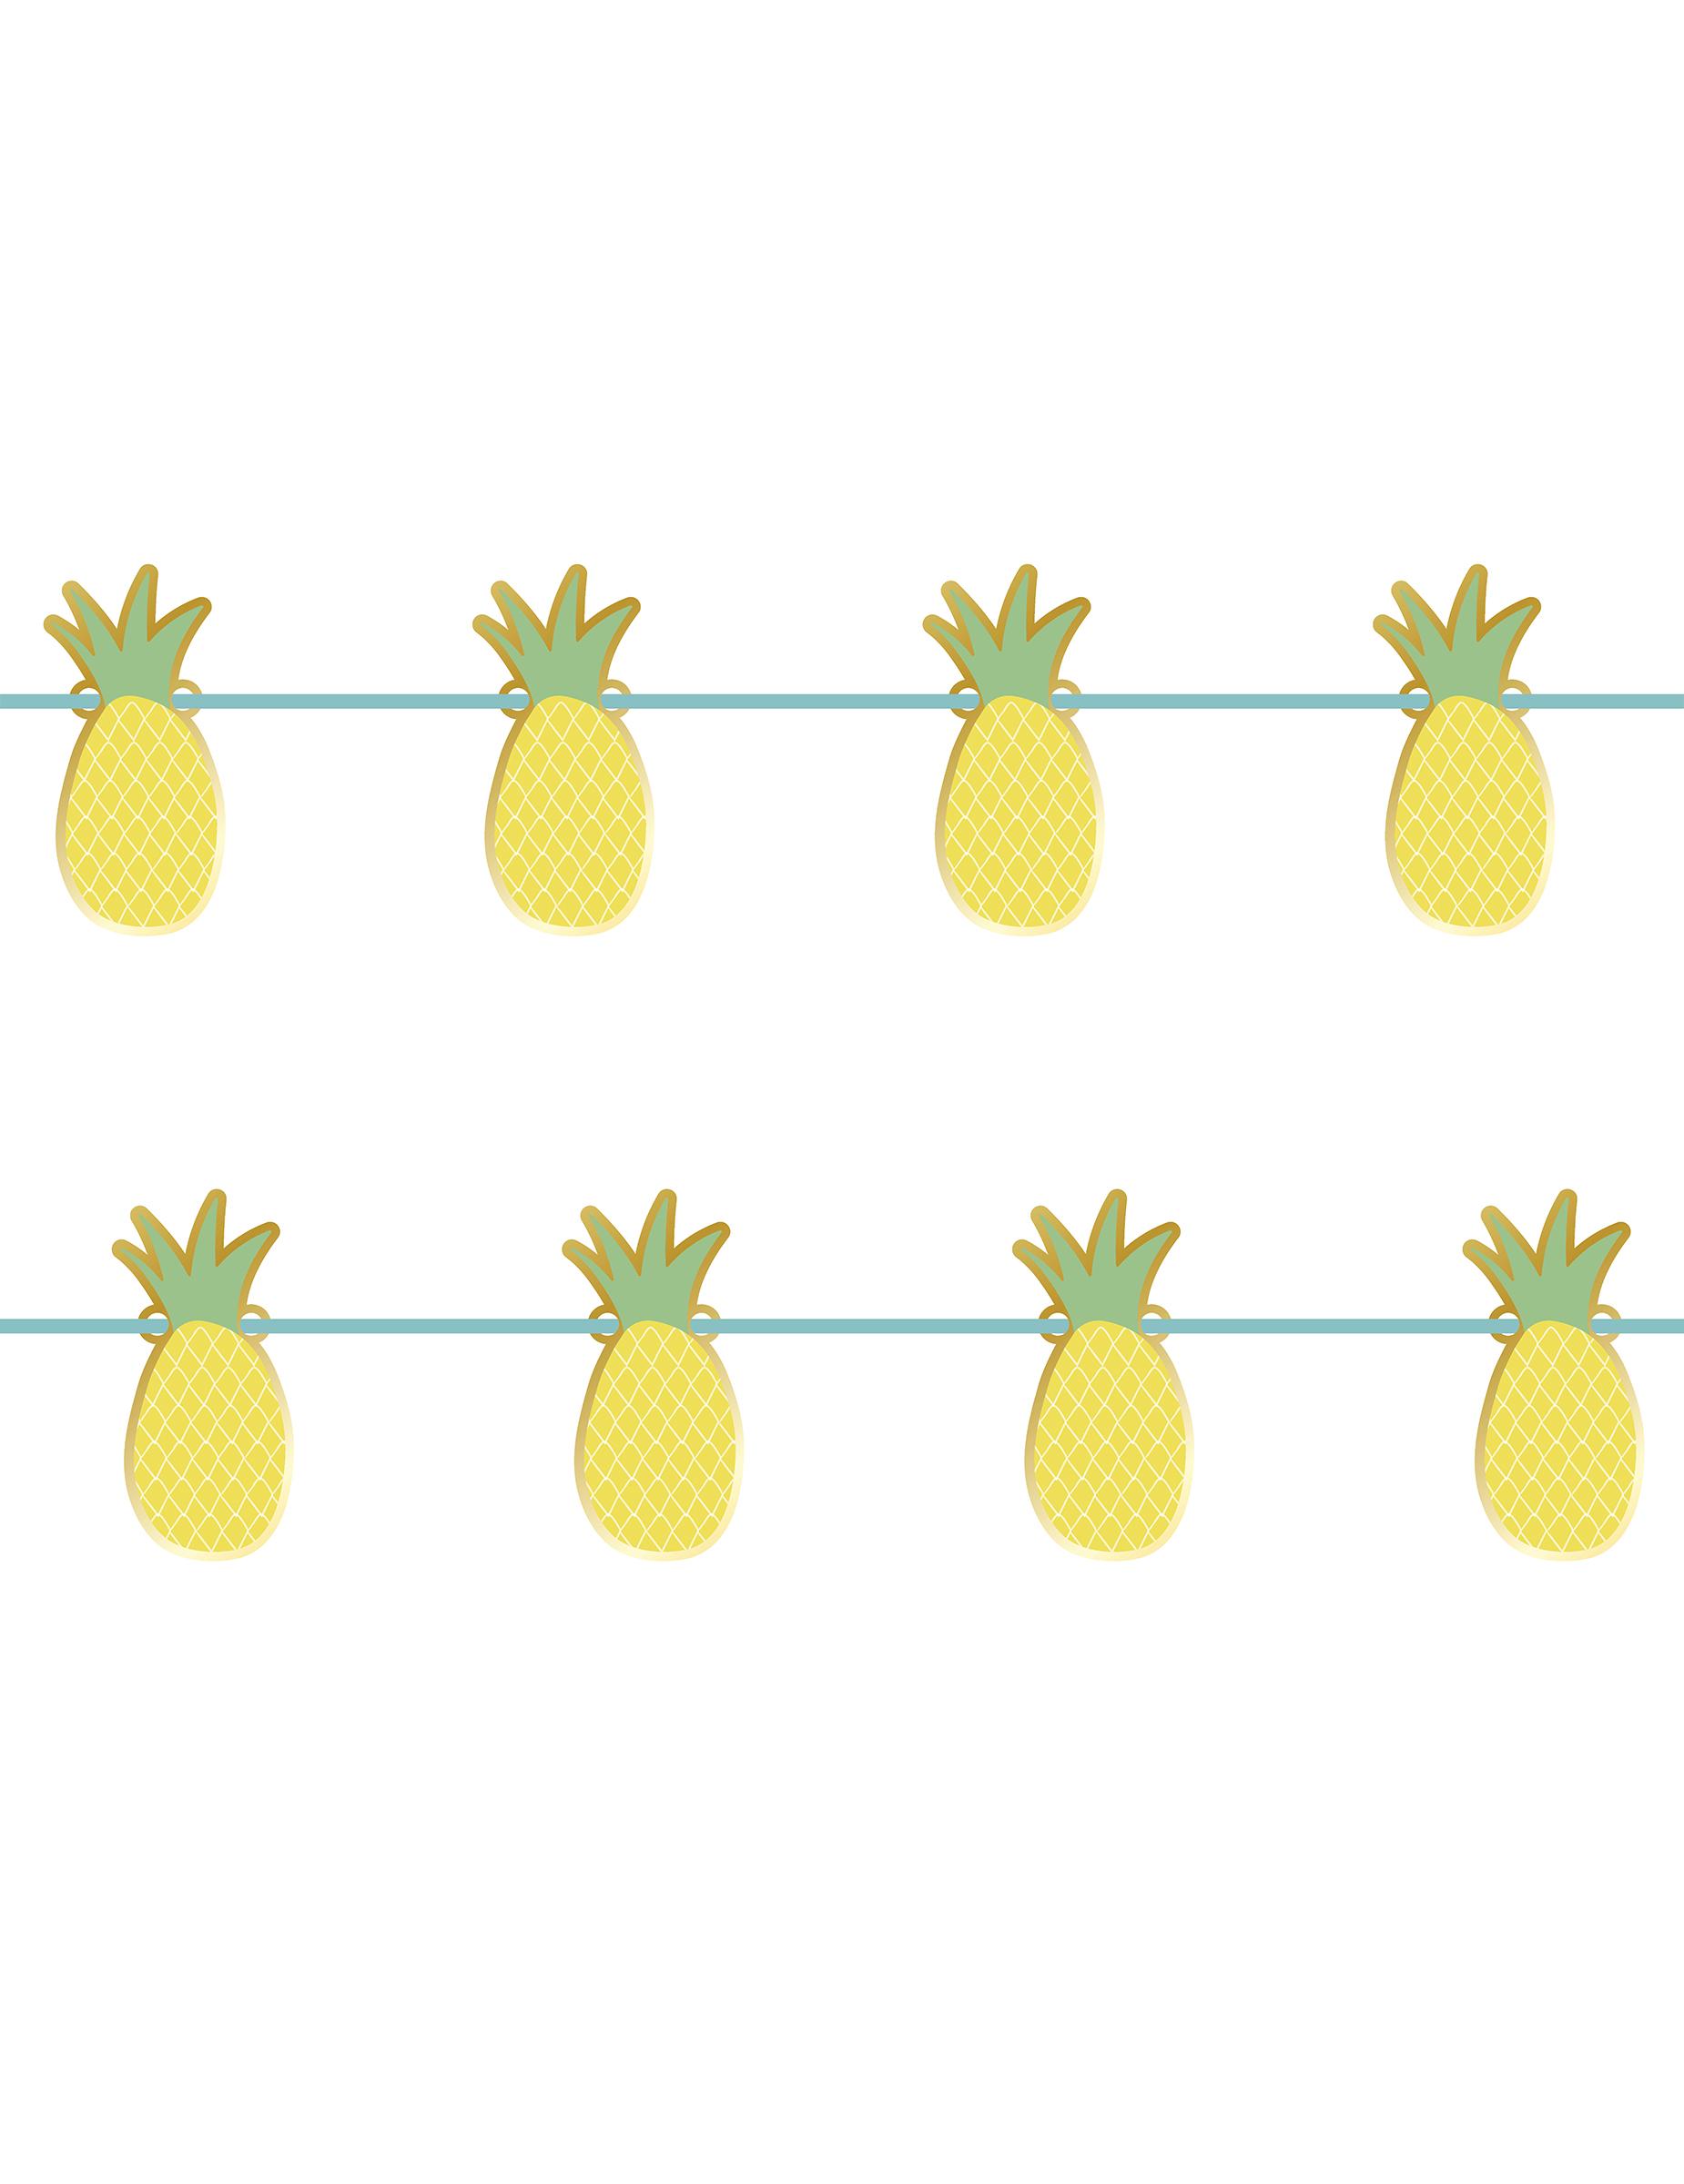 Guirlande En Carton Metallisee Ananas 2 M Decoration Anniversaire Et Fetes A Theme Sur Vegaoo Party